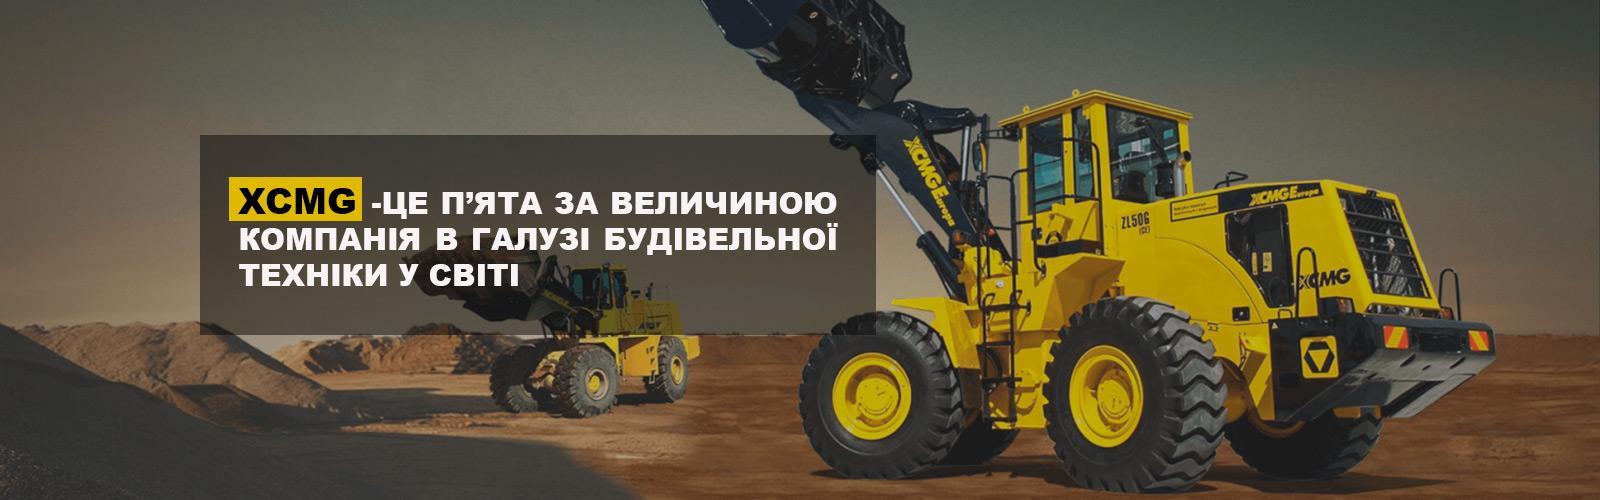 строительная спецтехника XCMG